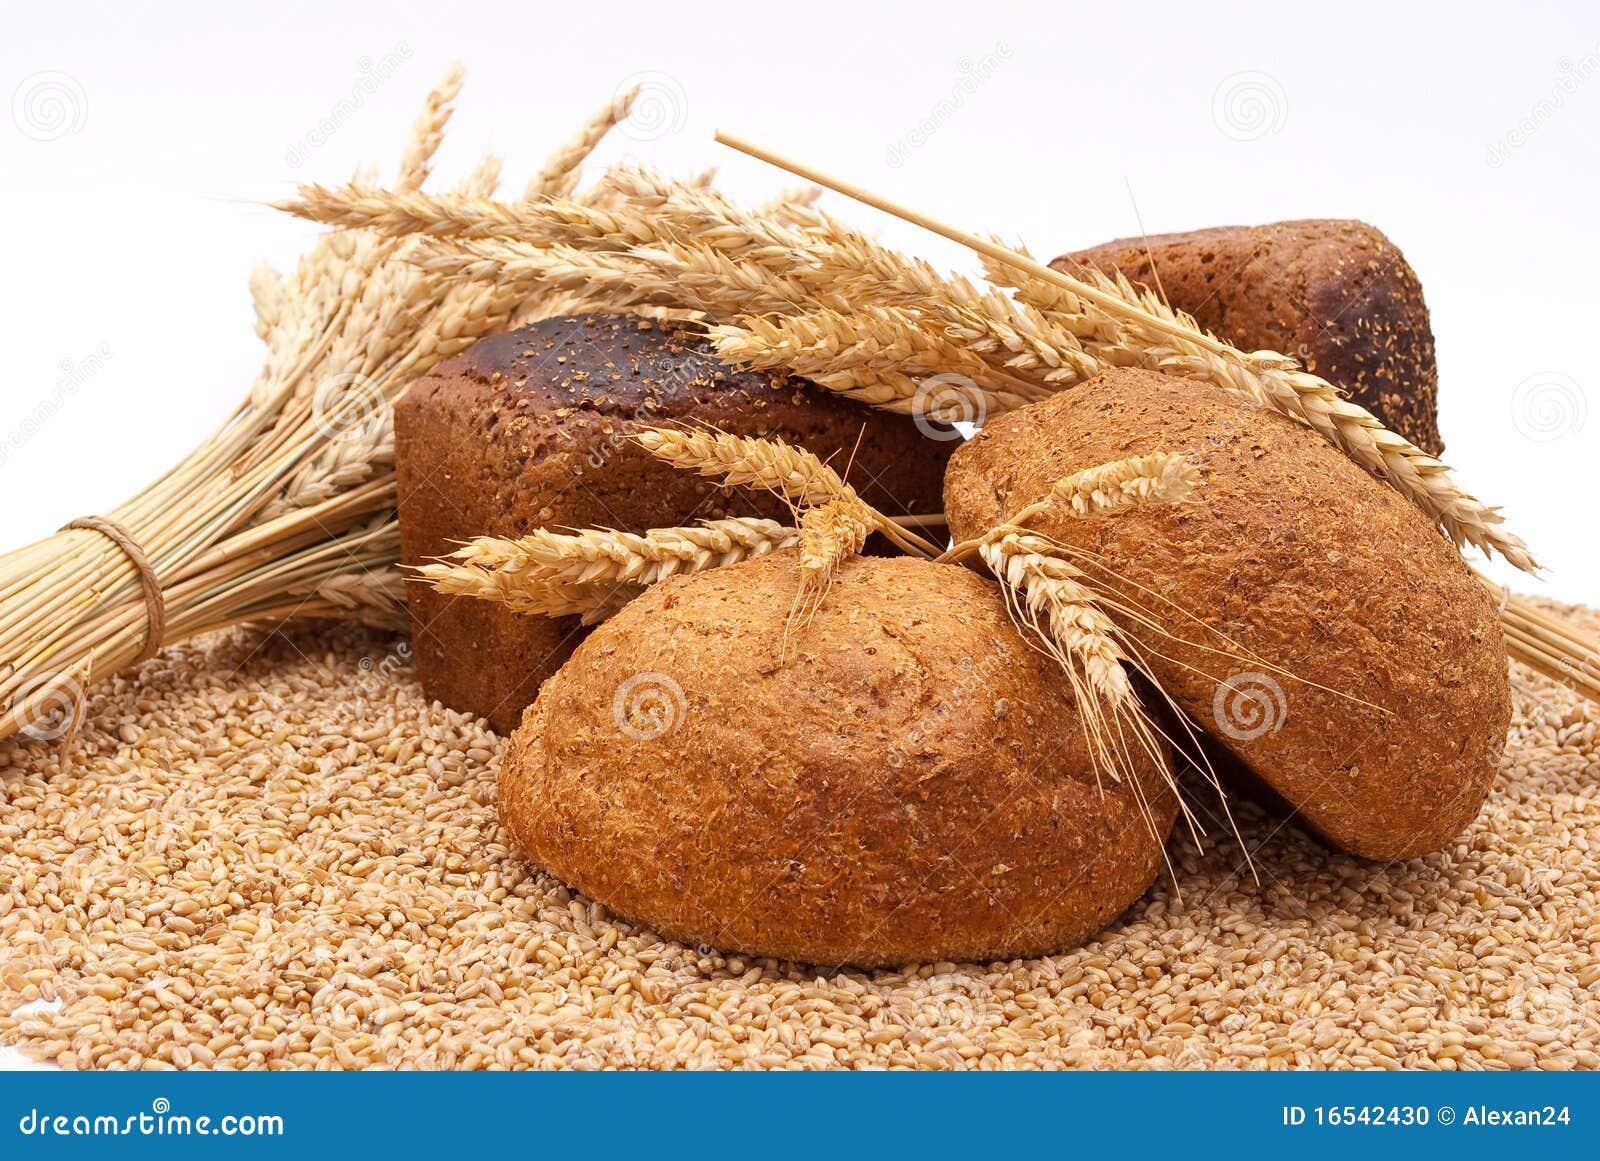 Pão com trigo e orelhas